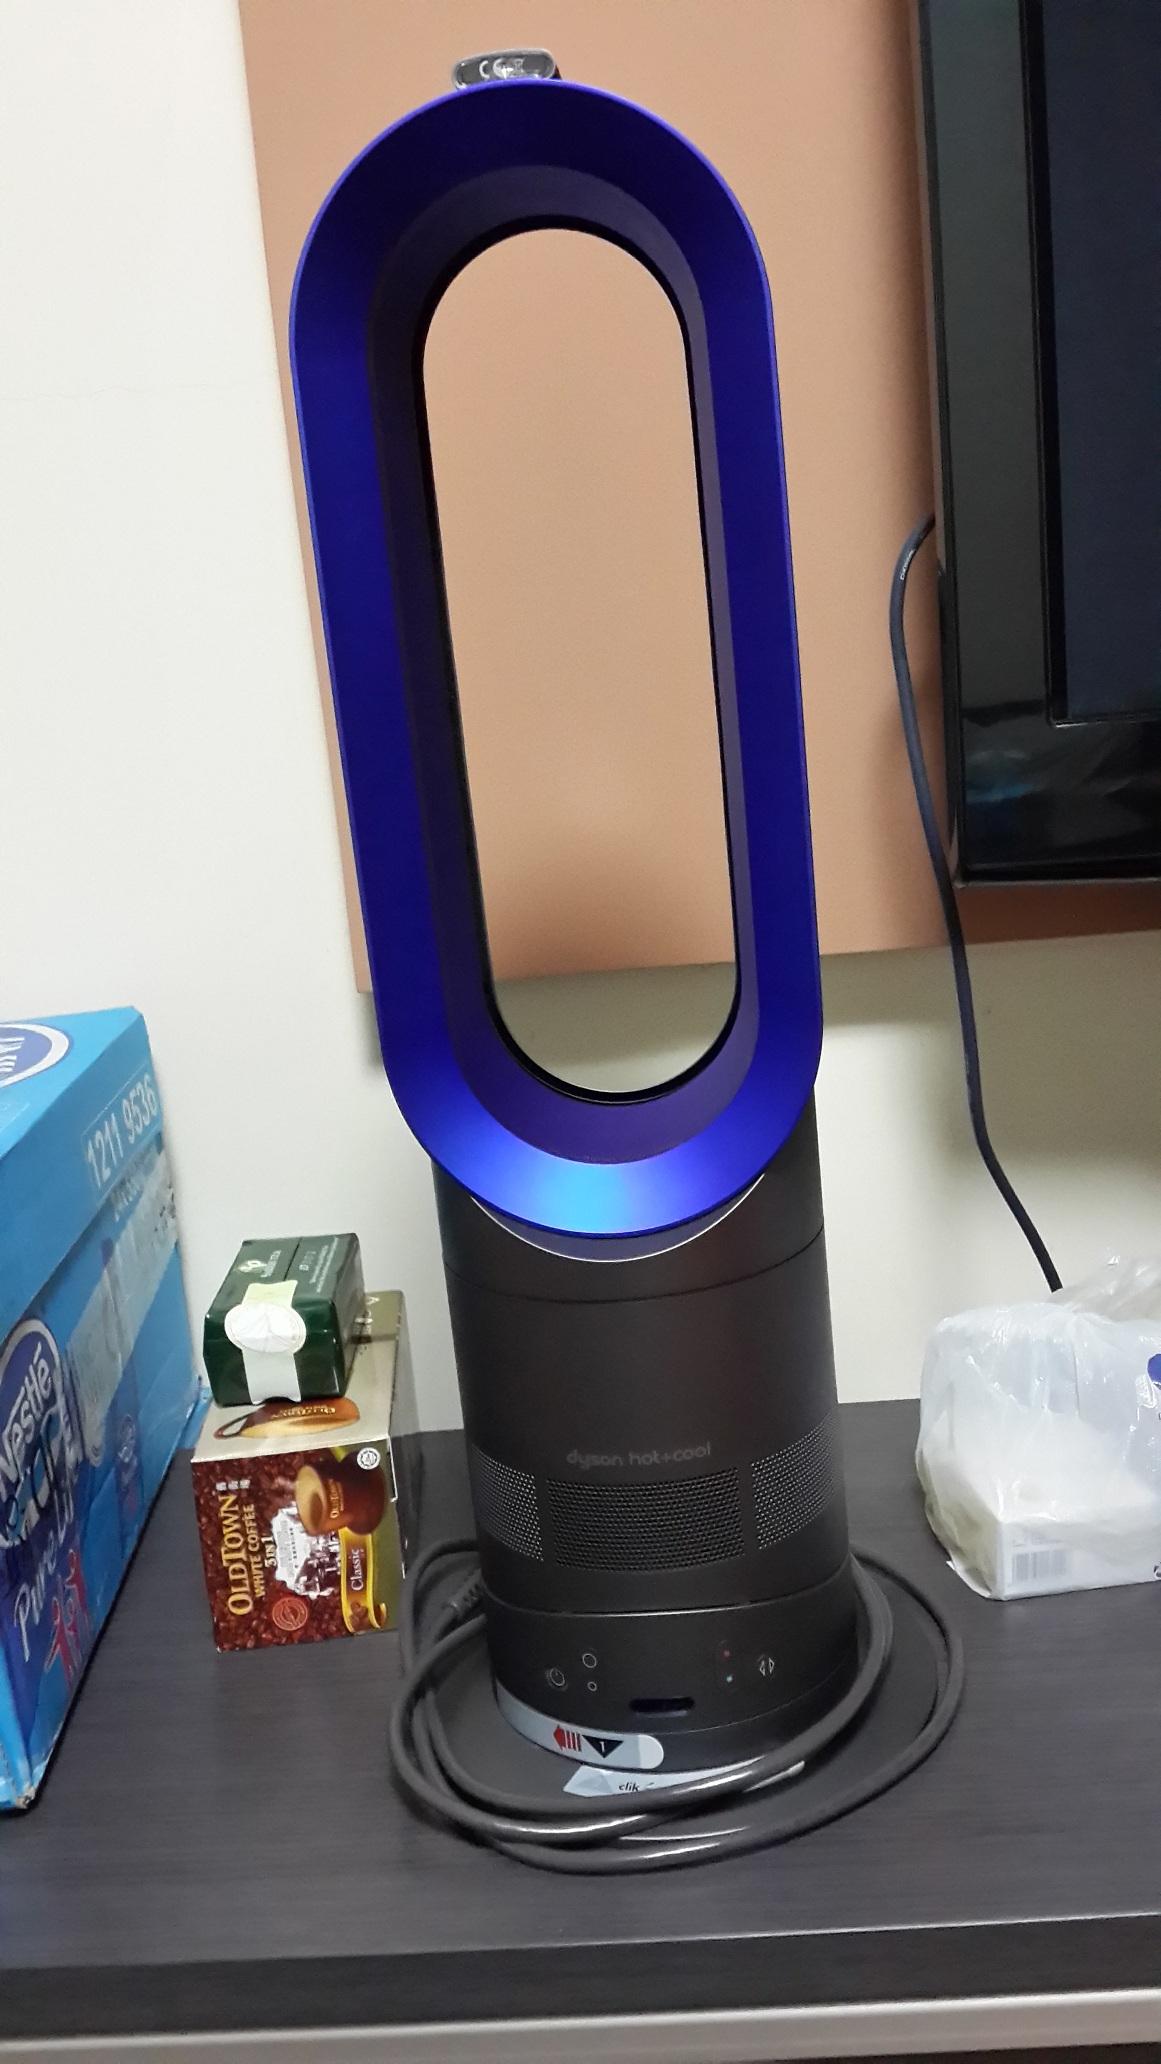 【包邮】现货美版dyson戴森am05冷暖型无页风扇 黑蓝色